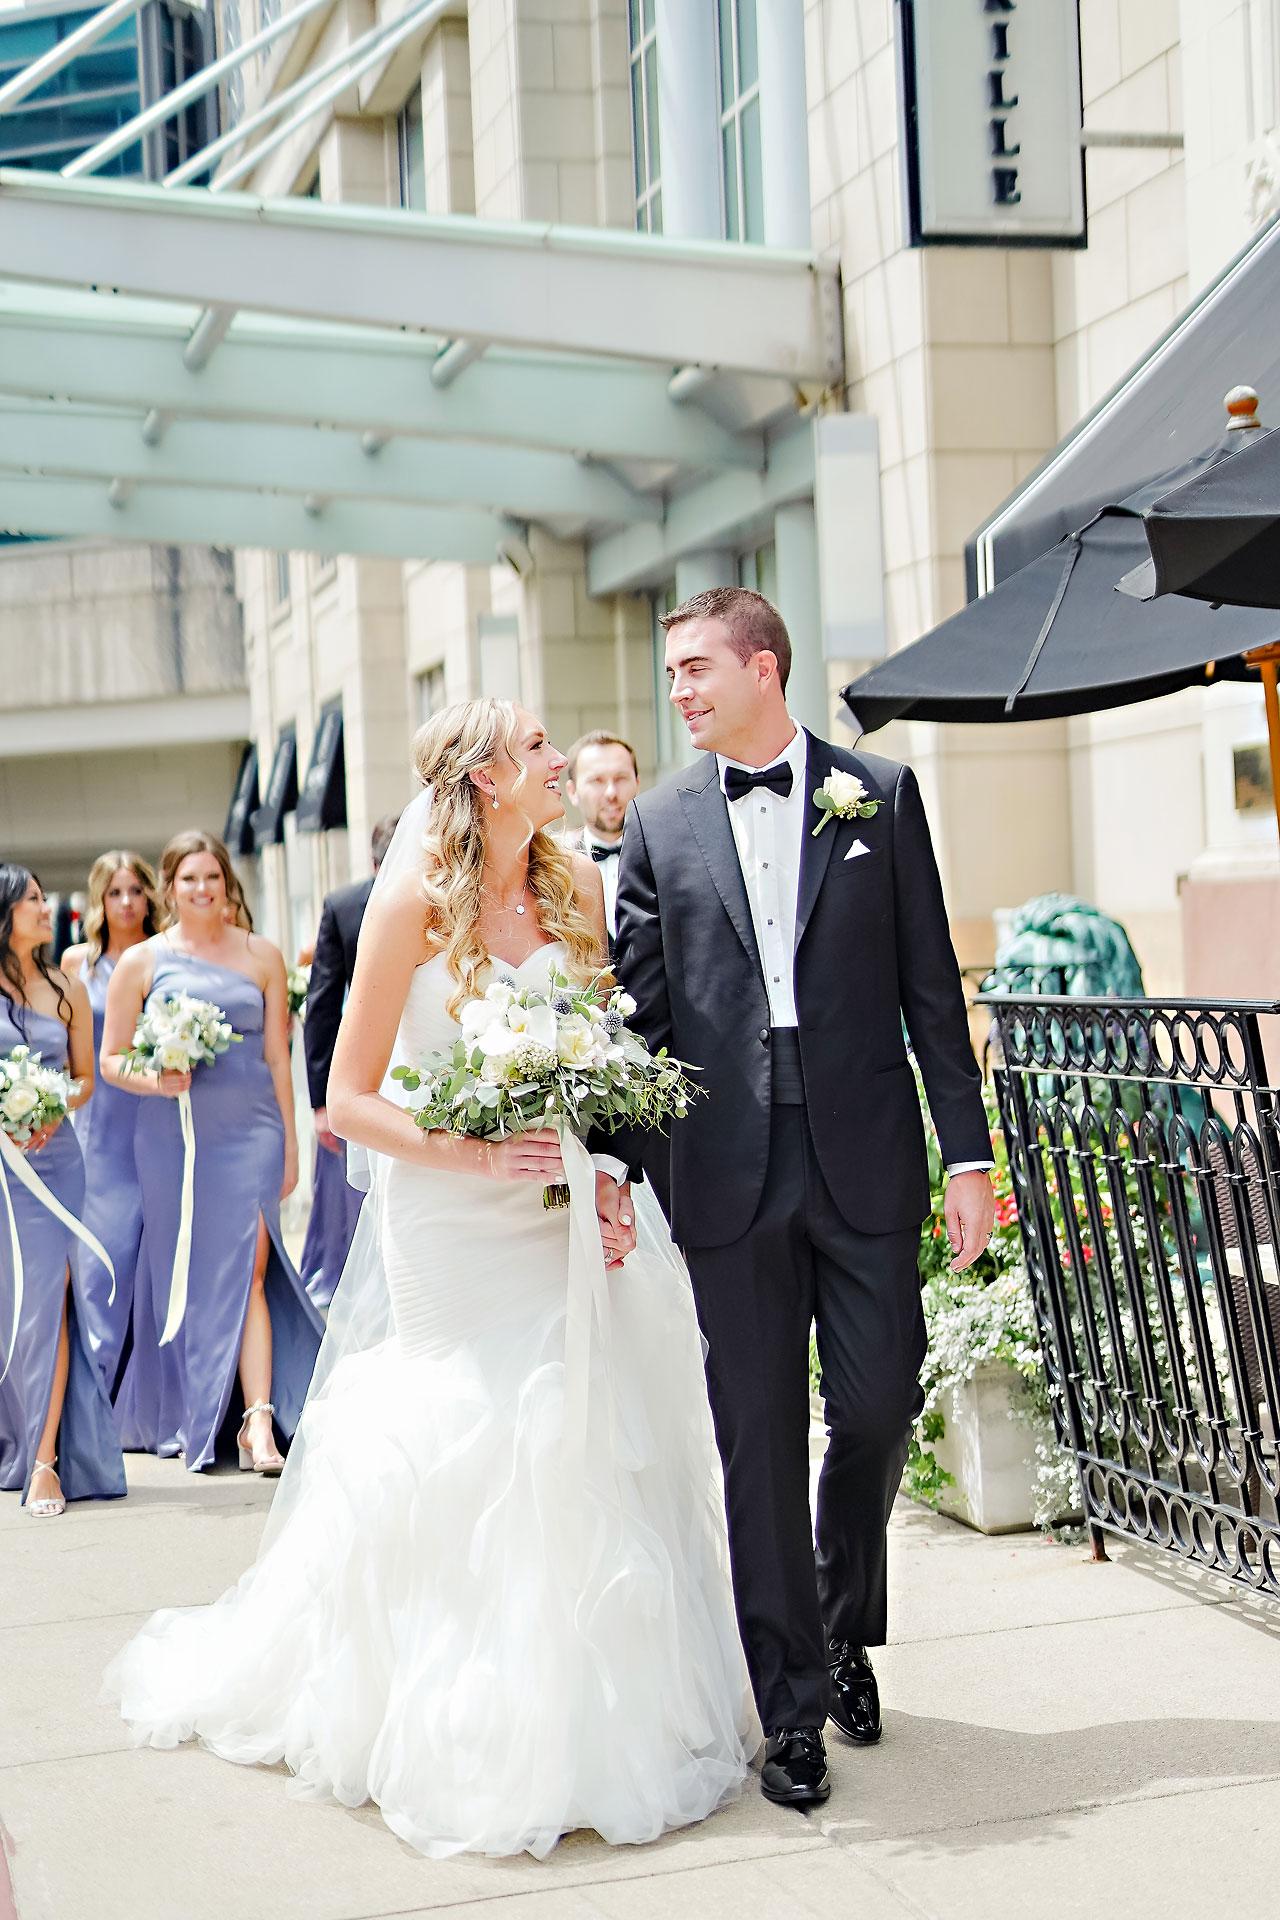 Liz Zach Conrad Artsgarden Indianapolis Wedding 051